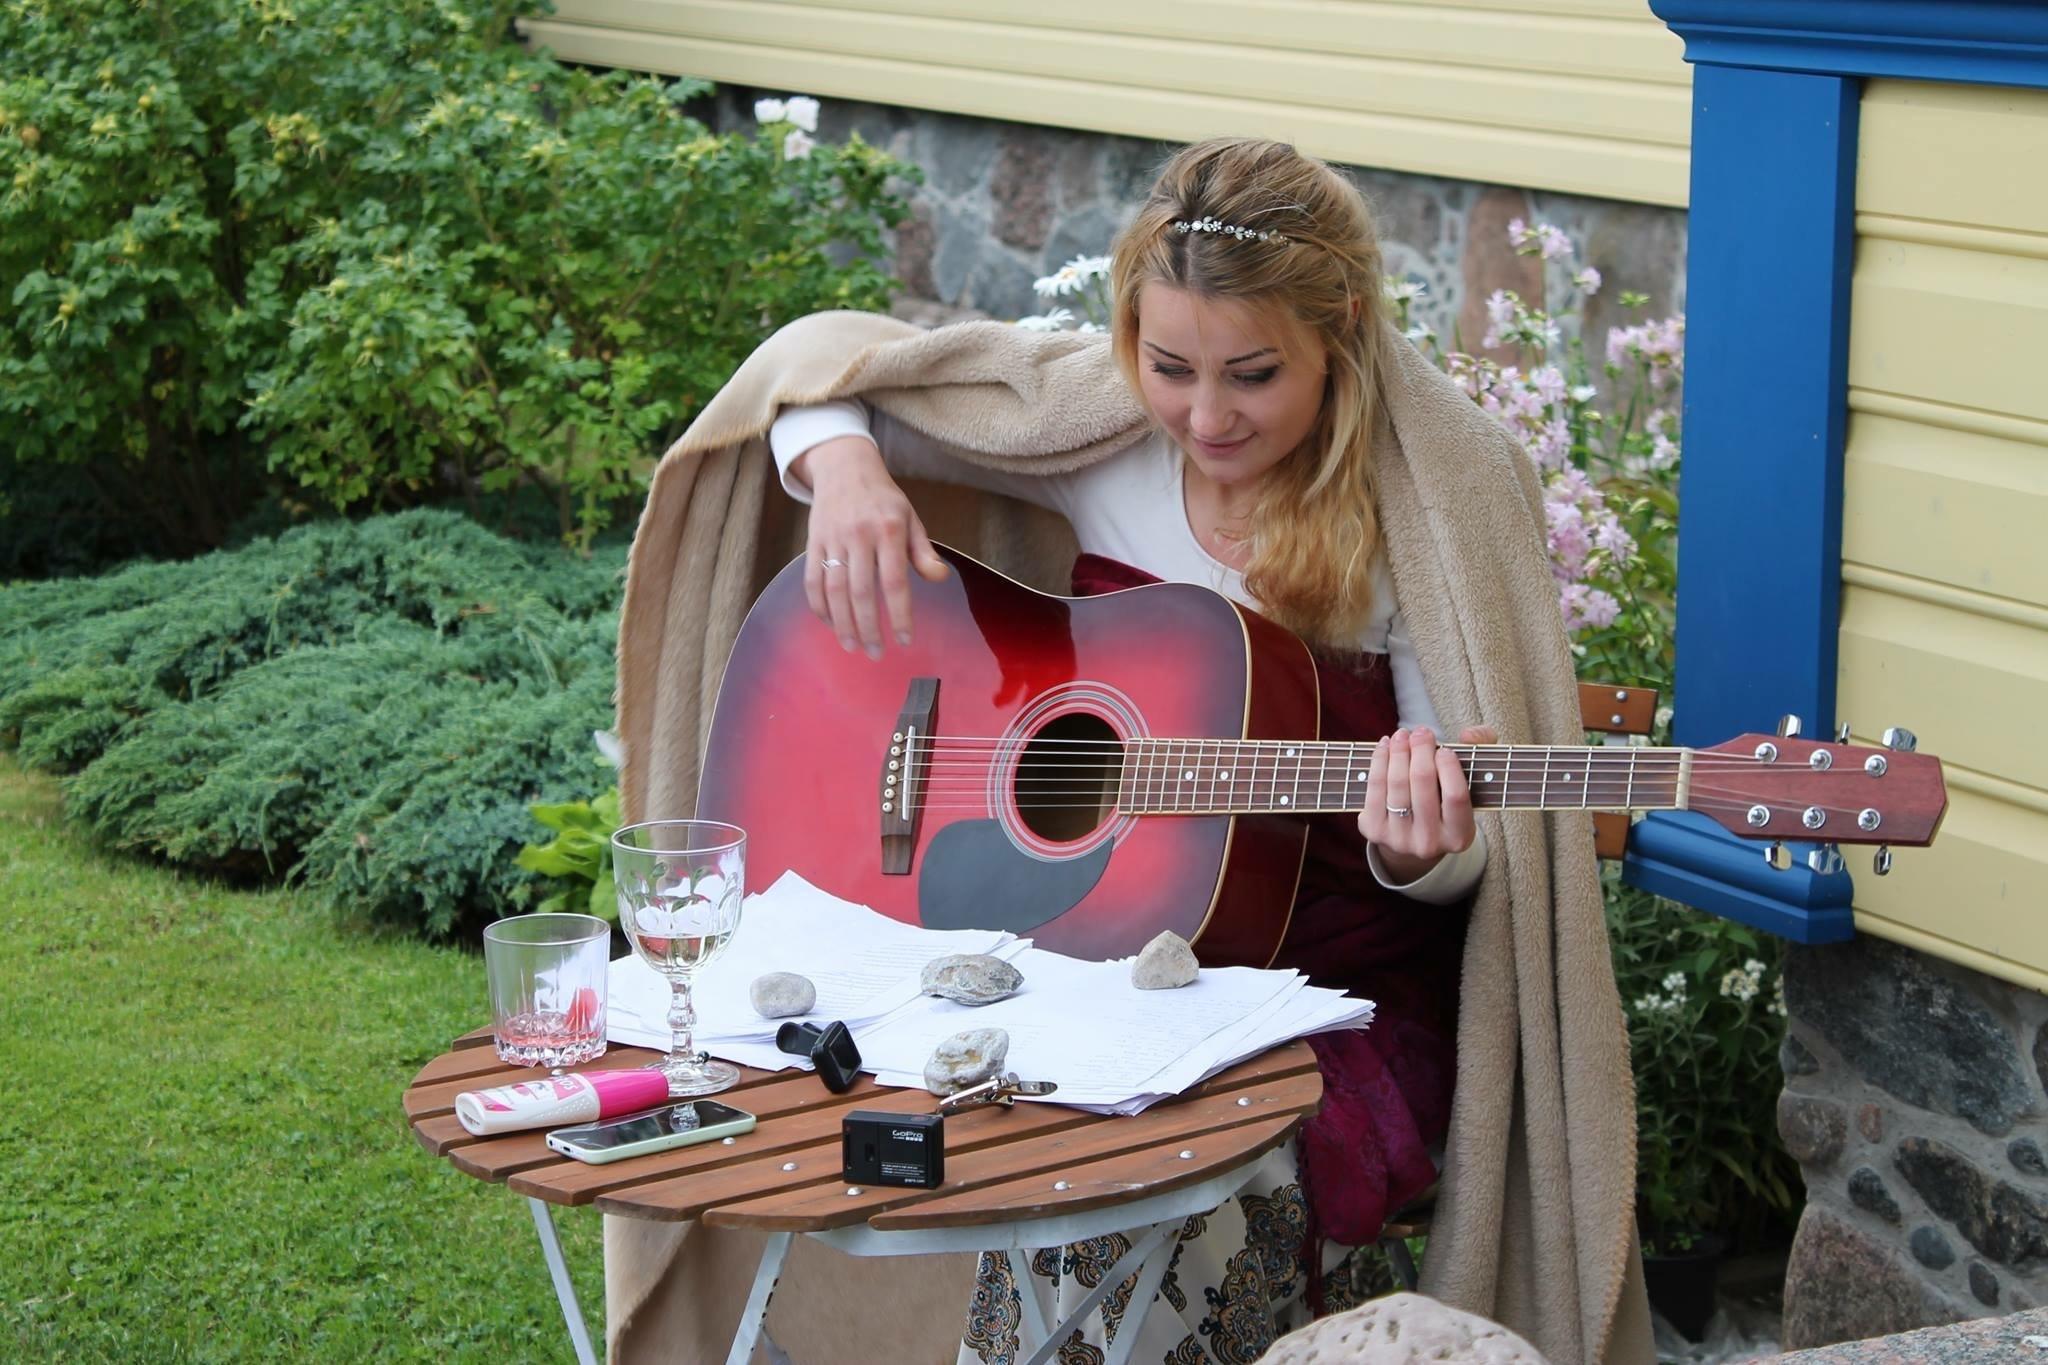 hand-nature-music-girl-woman-guitar-631240-pxhere.com.jpg